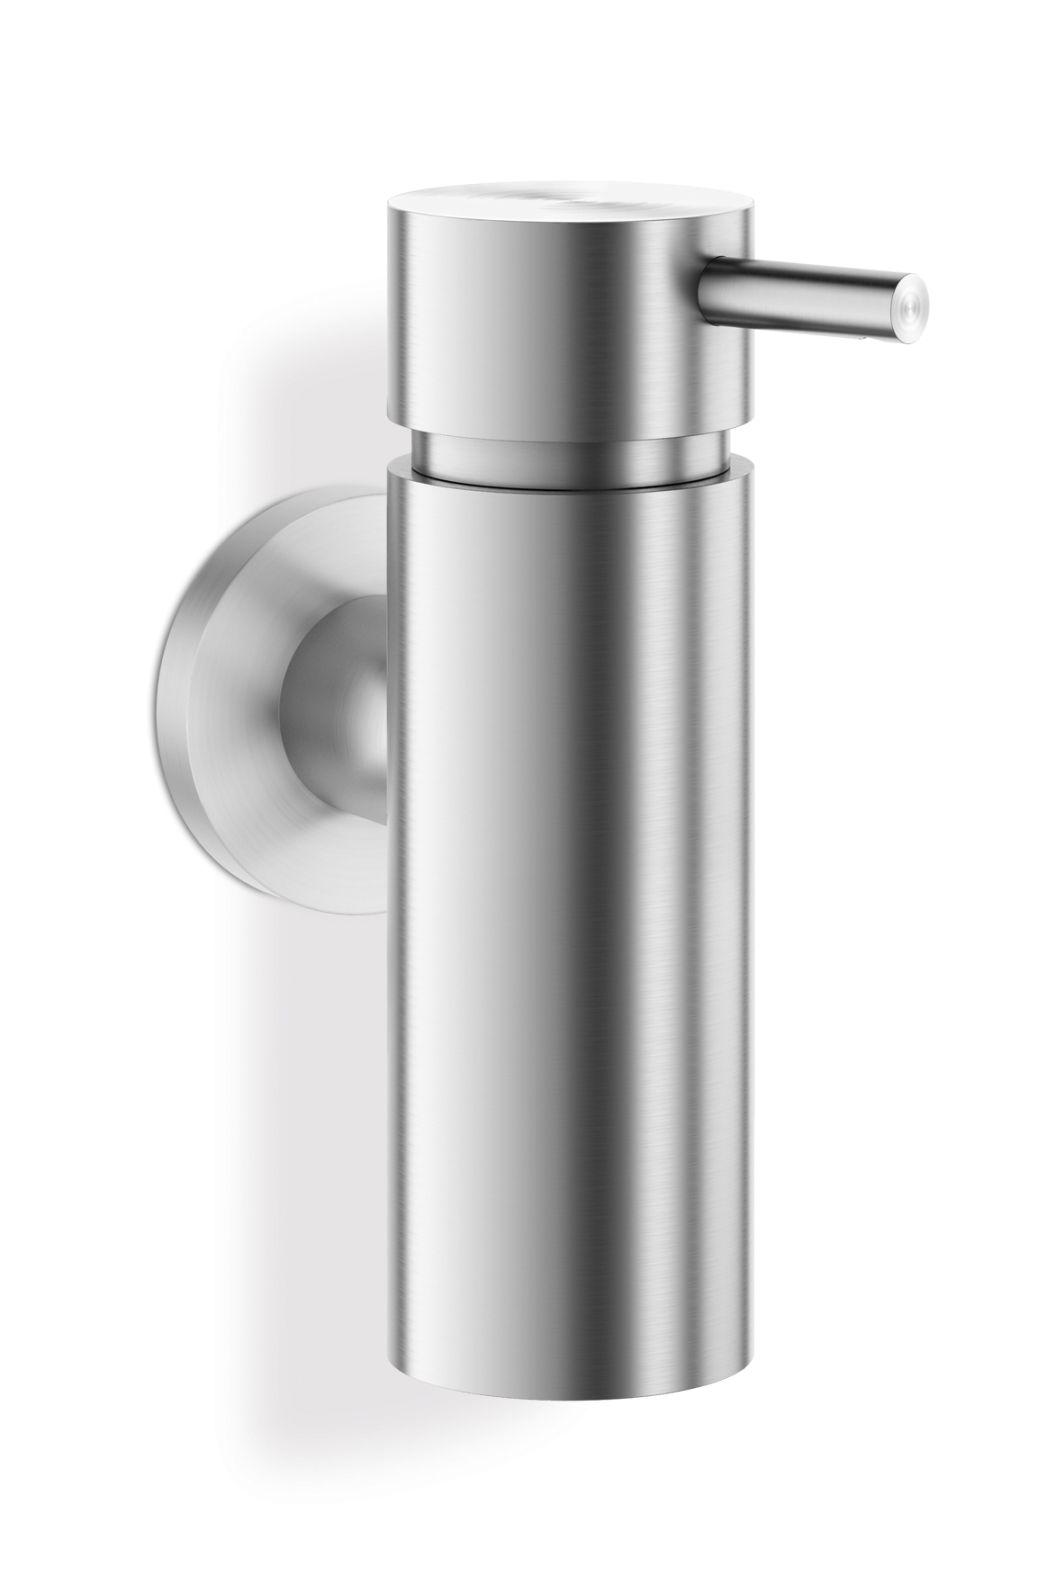 Dávkovač na mýdlo MANOLA 175 ml, nástěnný - ZACK